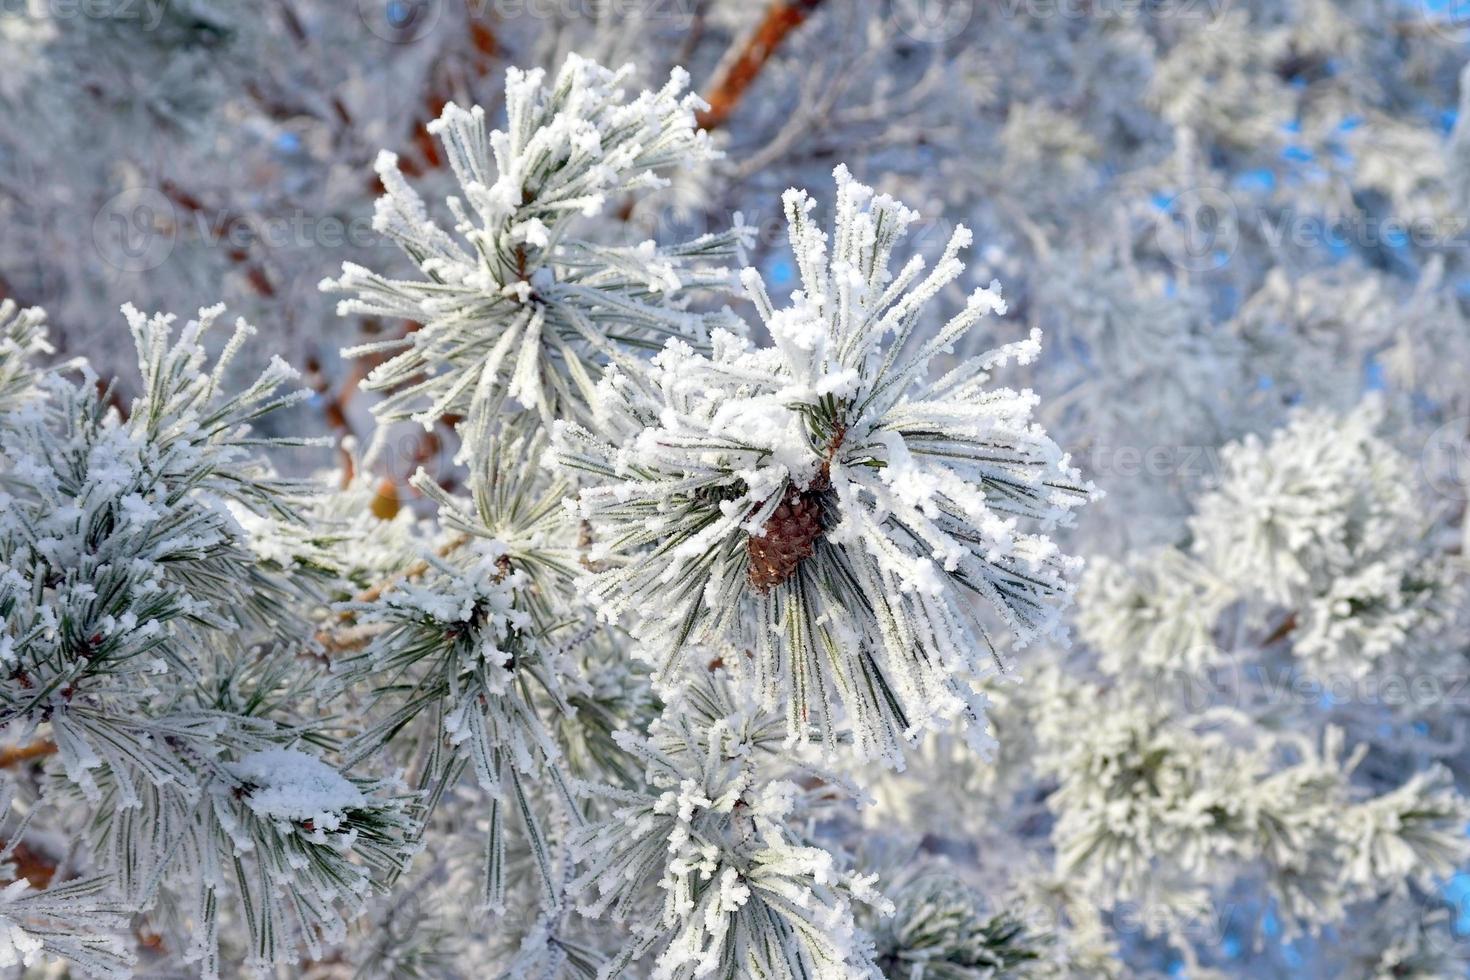 Zweige Kiefernschnee bedeckt foto